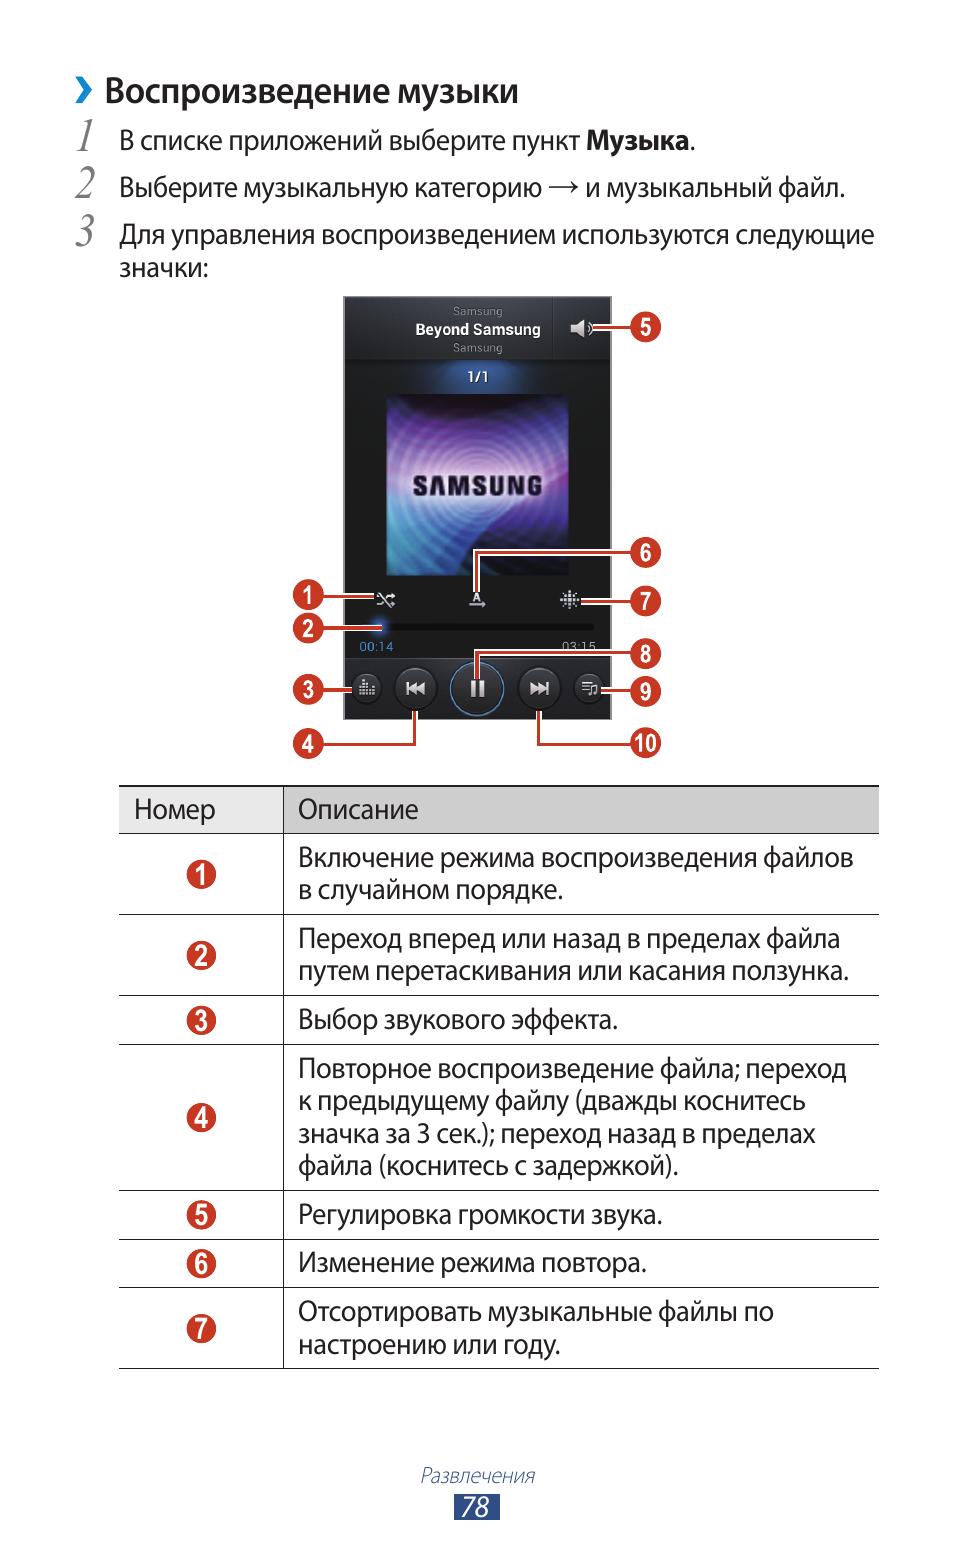 Воспроизведение музыки Инструкция по эксплуатации Samsung GT-I8160 Страница 78 / 152